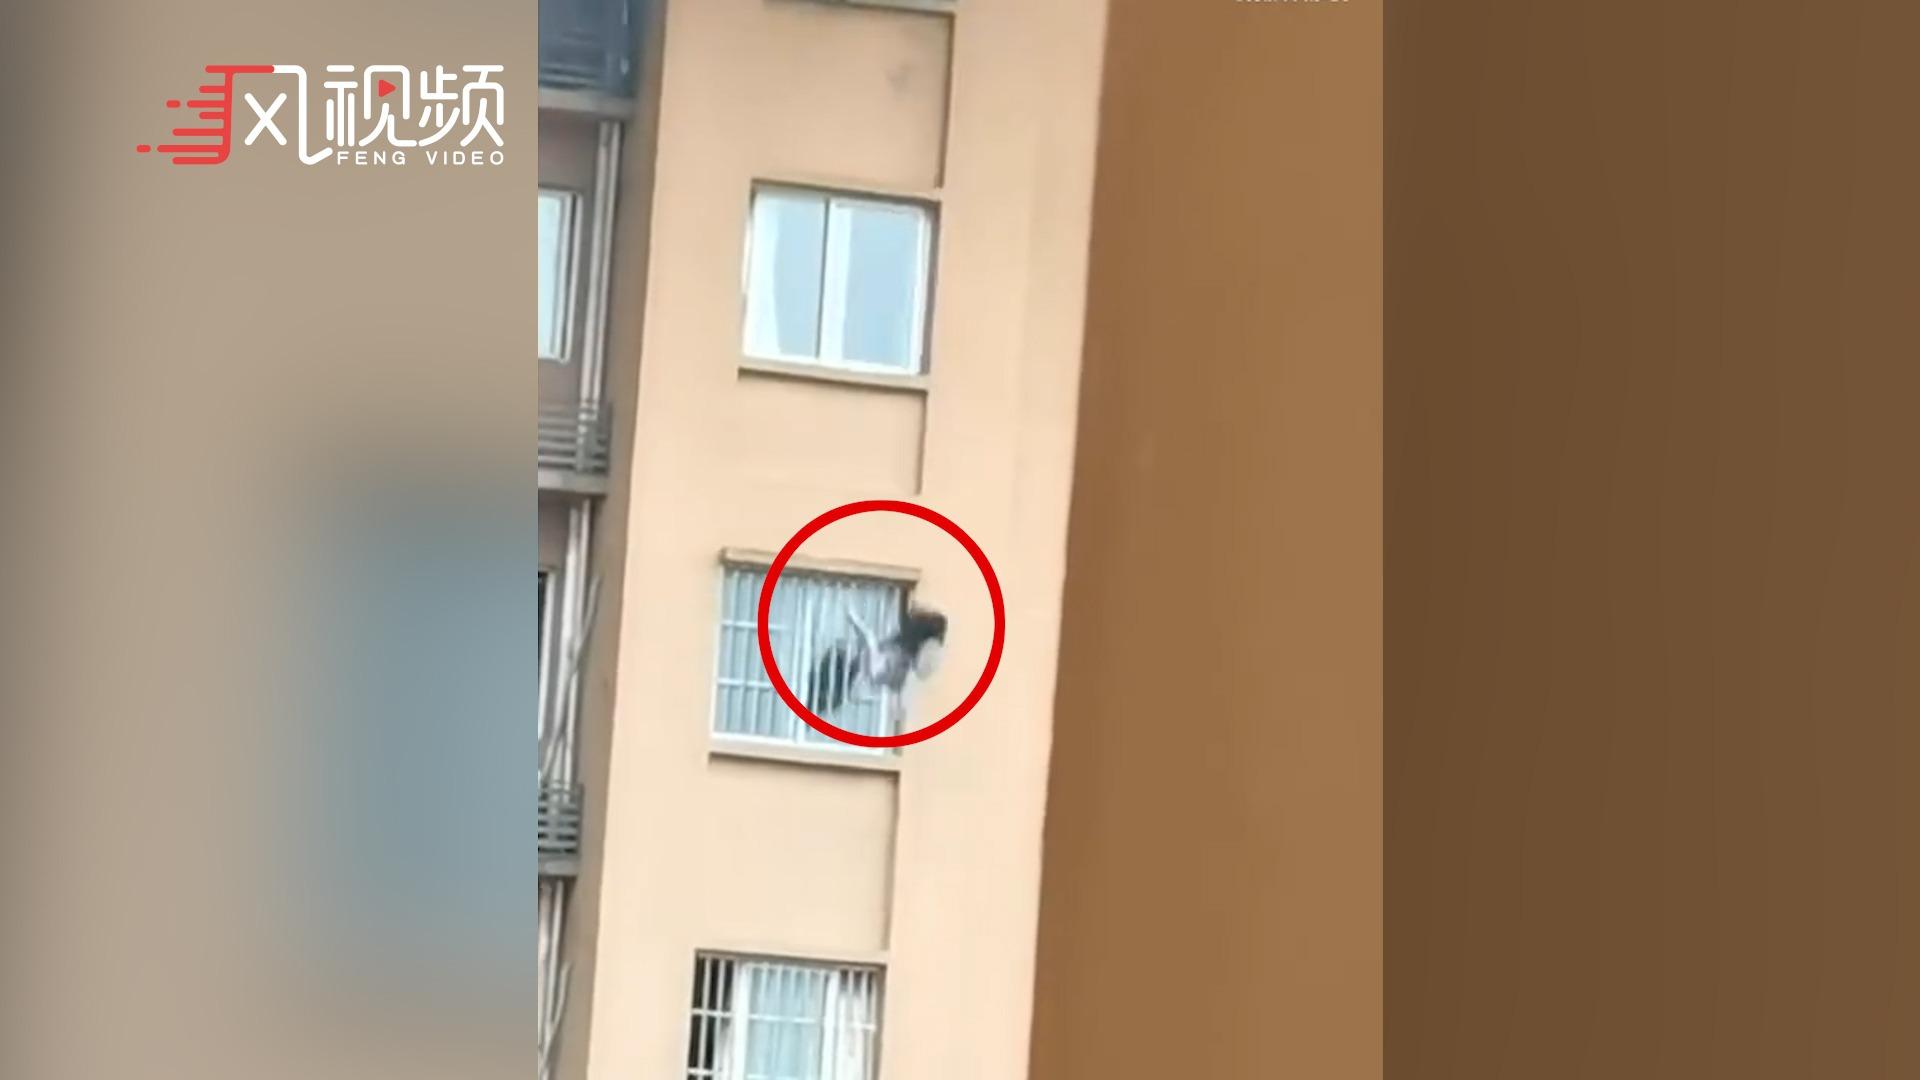 重庆一高层住宅突发火灾,女子翻窗逃生不慎坠落身亡